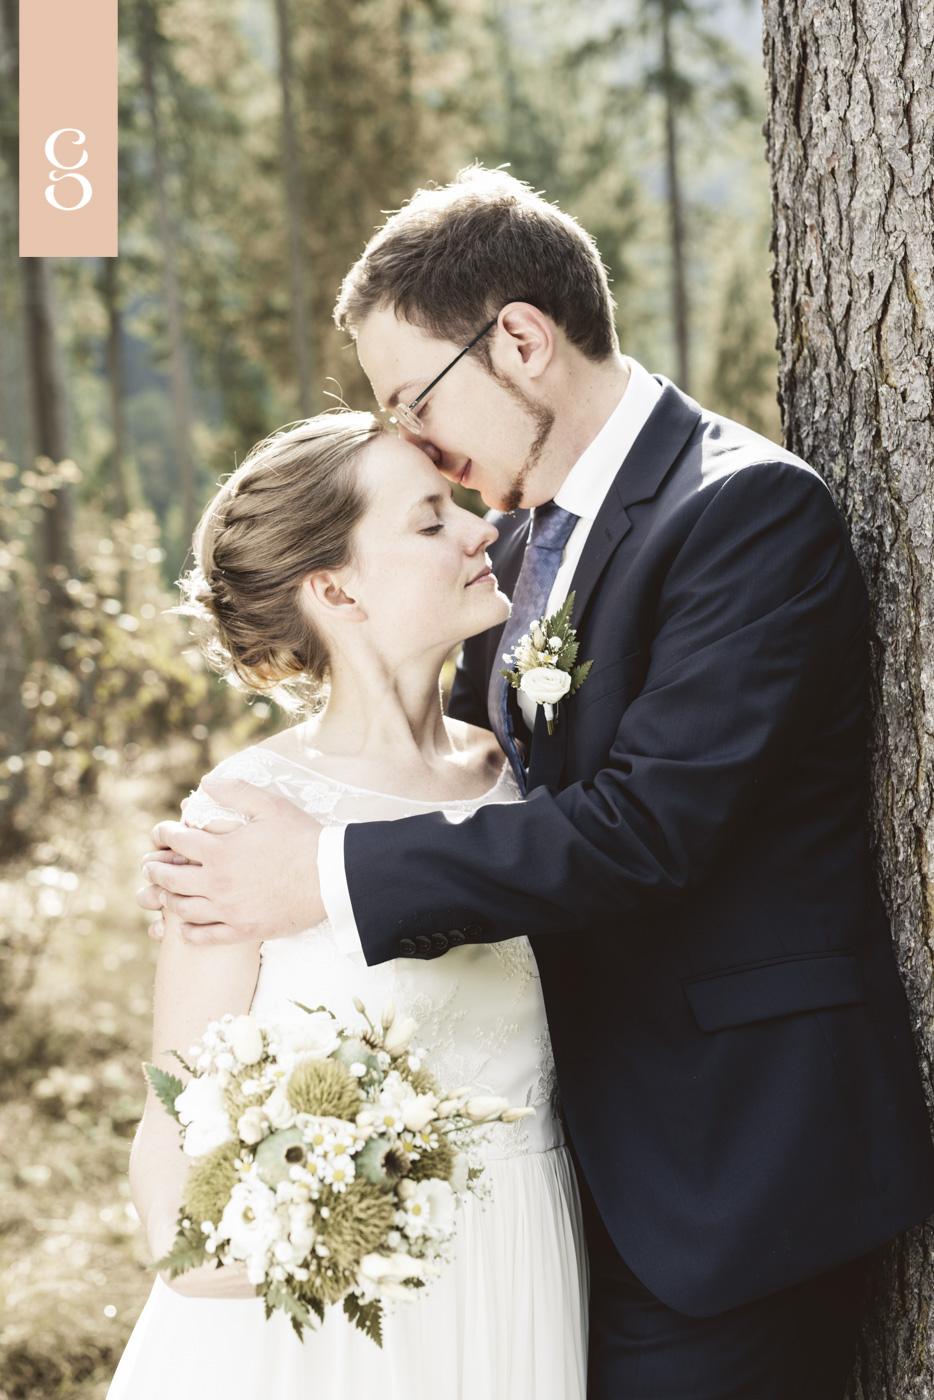 Fotograf_Goettges_Hochzeit_Wedding_Ramsau_Hintersee_Hirschbichl_Berchtesgaden_Hochzeitsfotograf-10